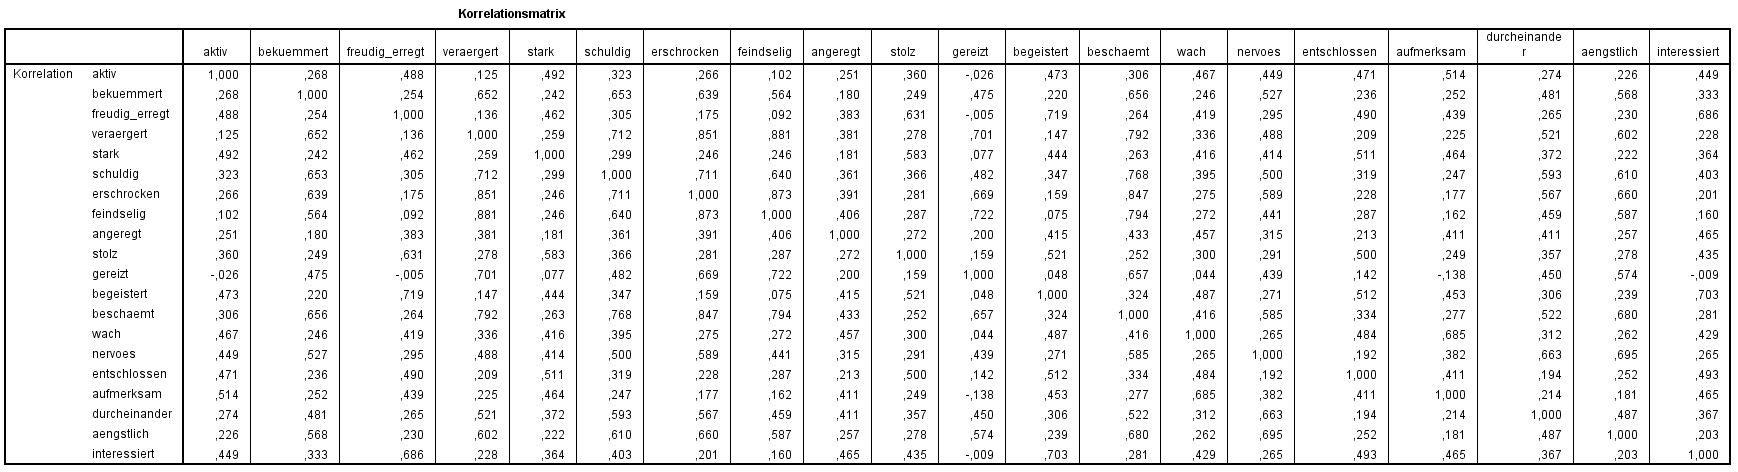 Hauptkomponentenanalyse: Korrelationsmatrix